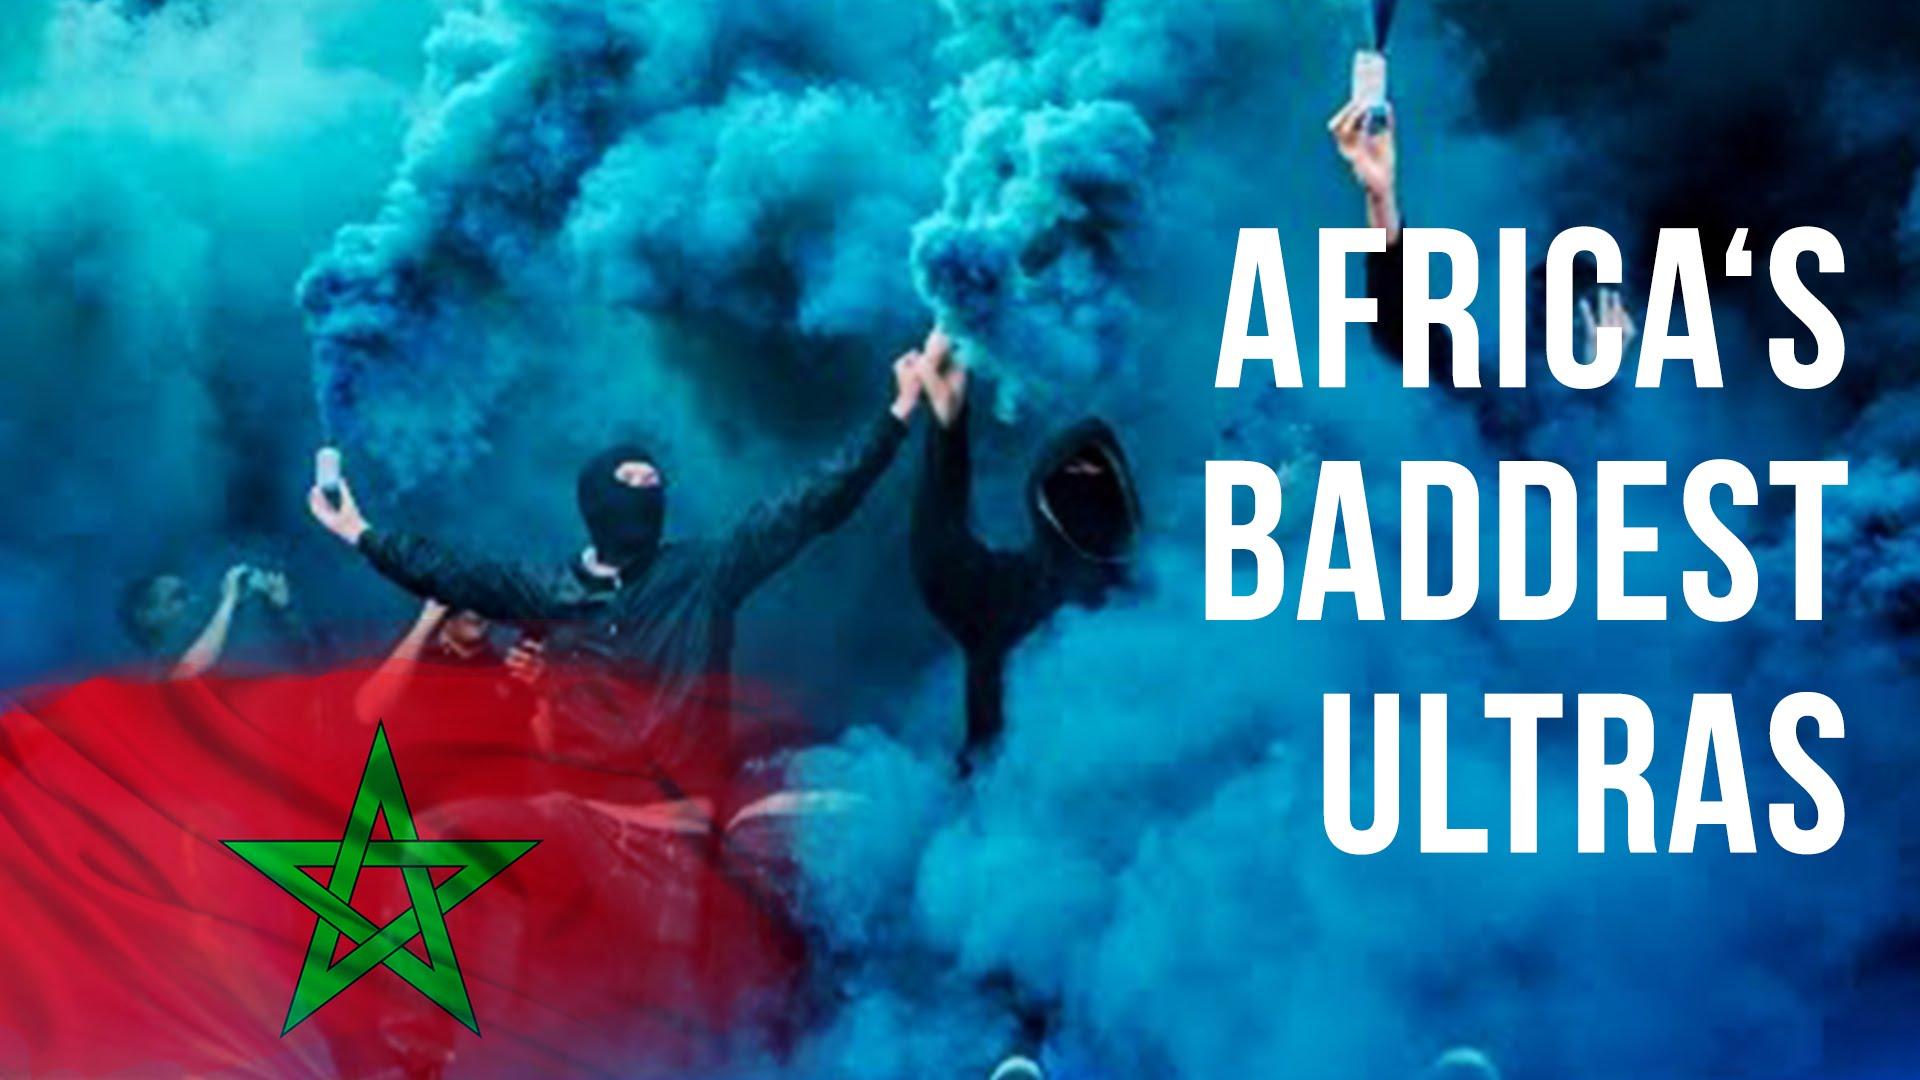 africas-baddest-ultras